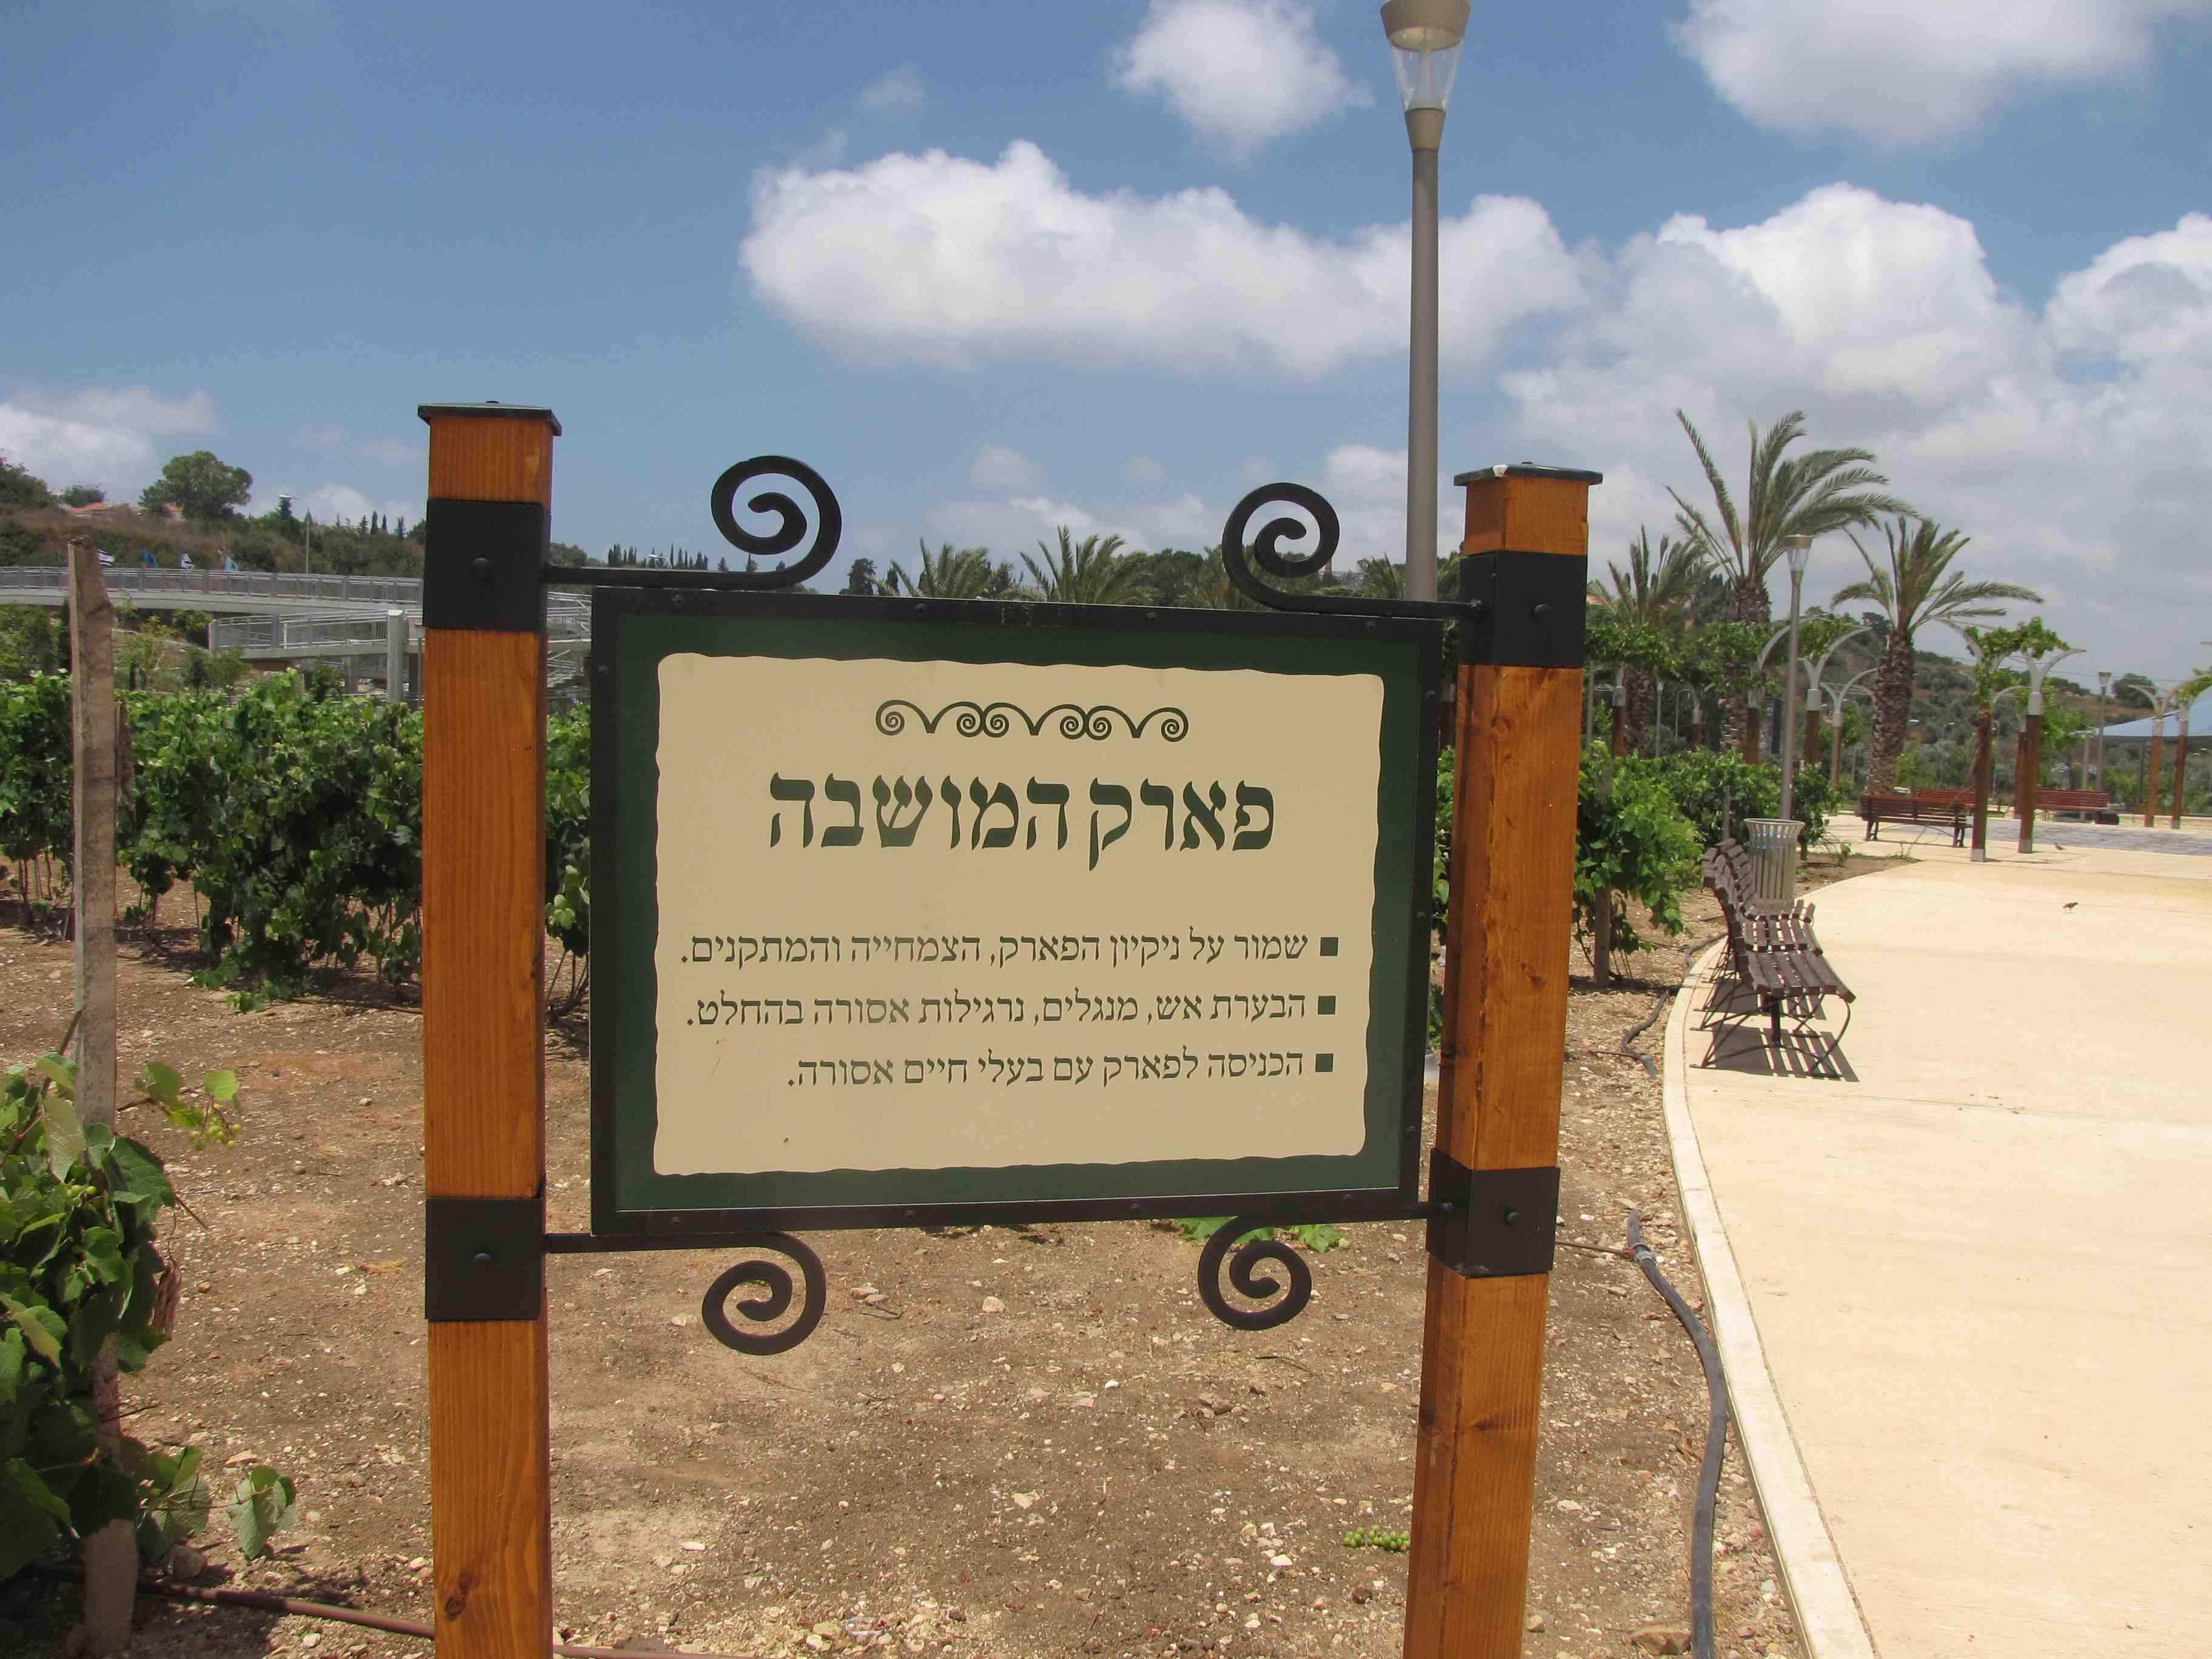 שילוט פארק המושבה בזכרון יעקב